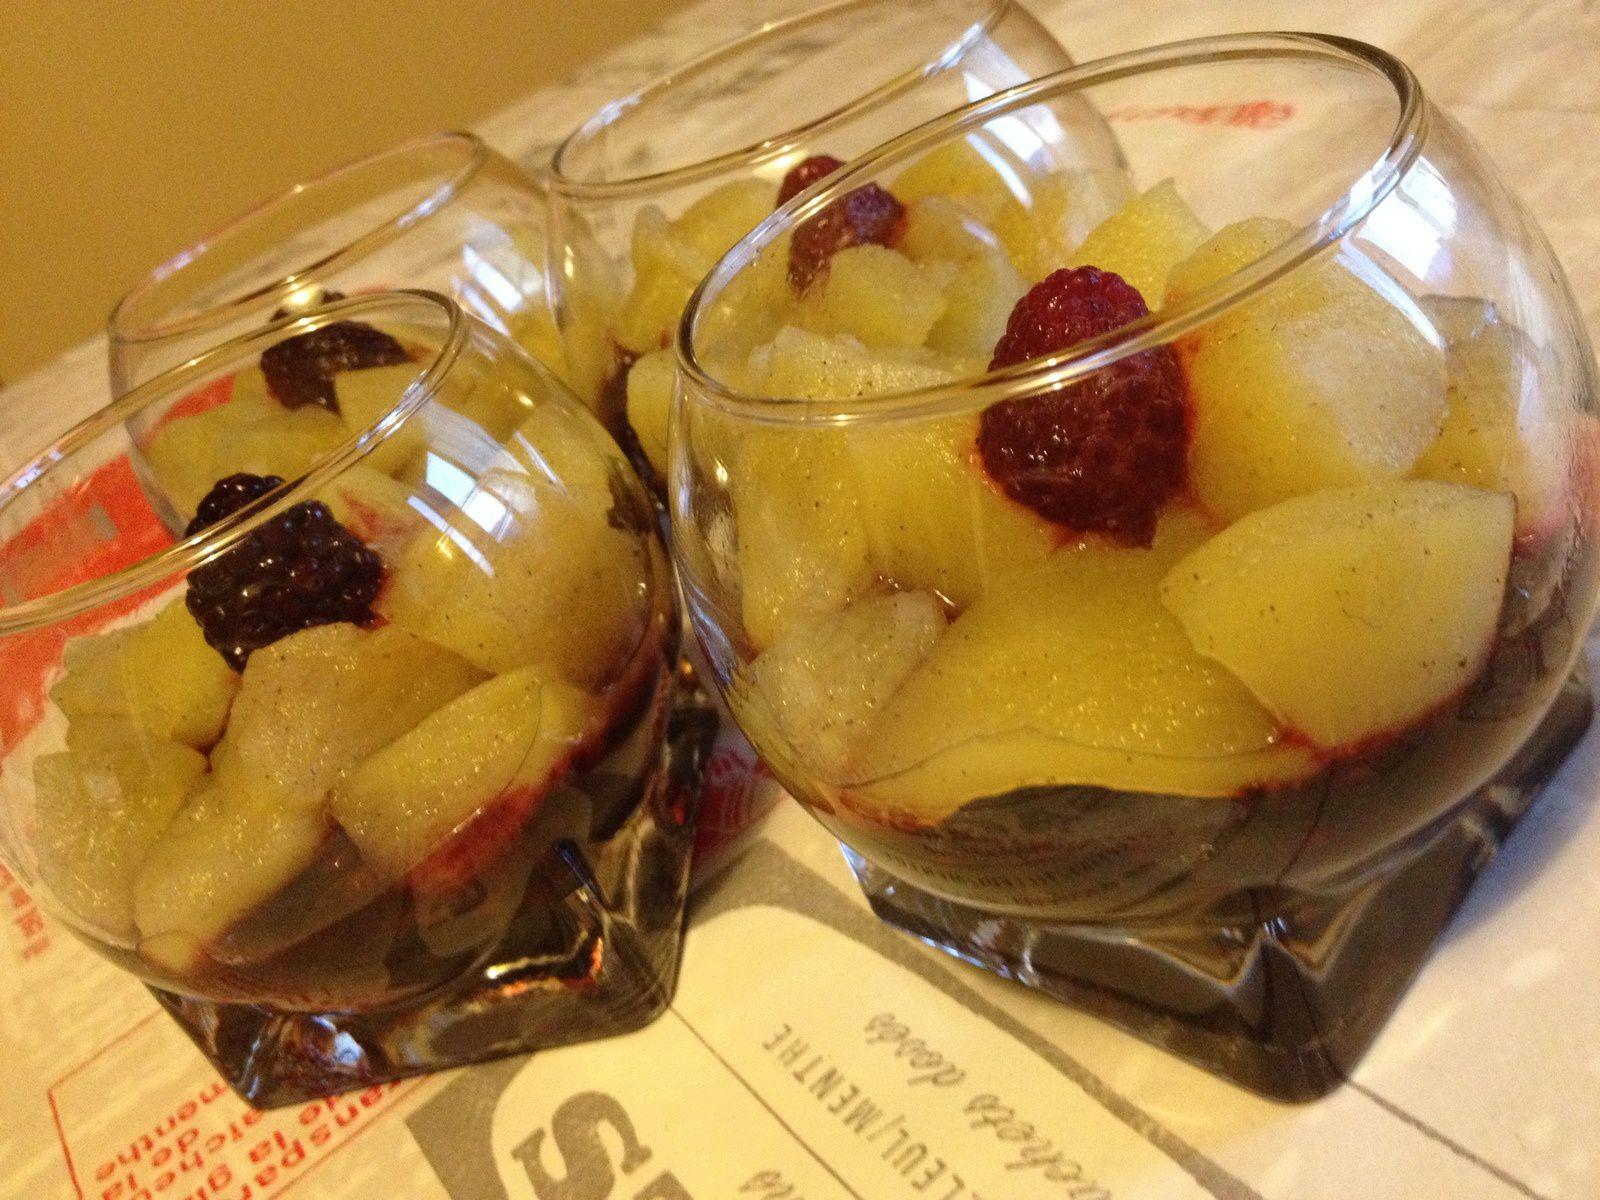 Verrines fruits rouges pommes à la vanille